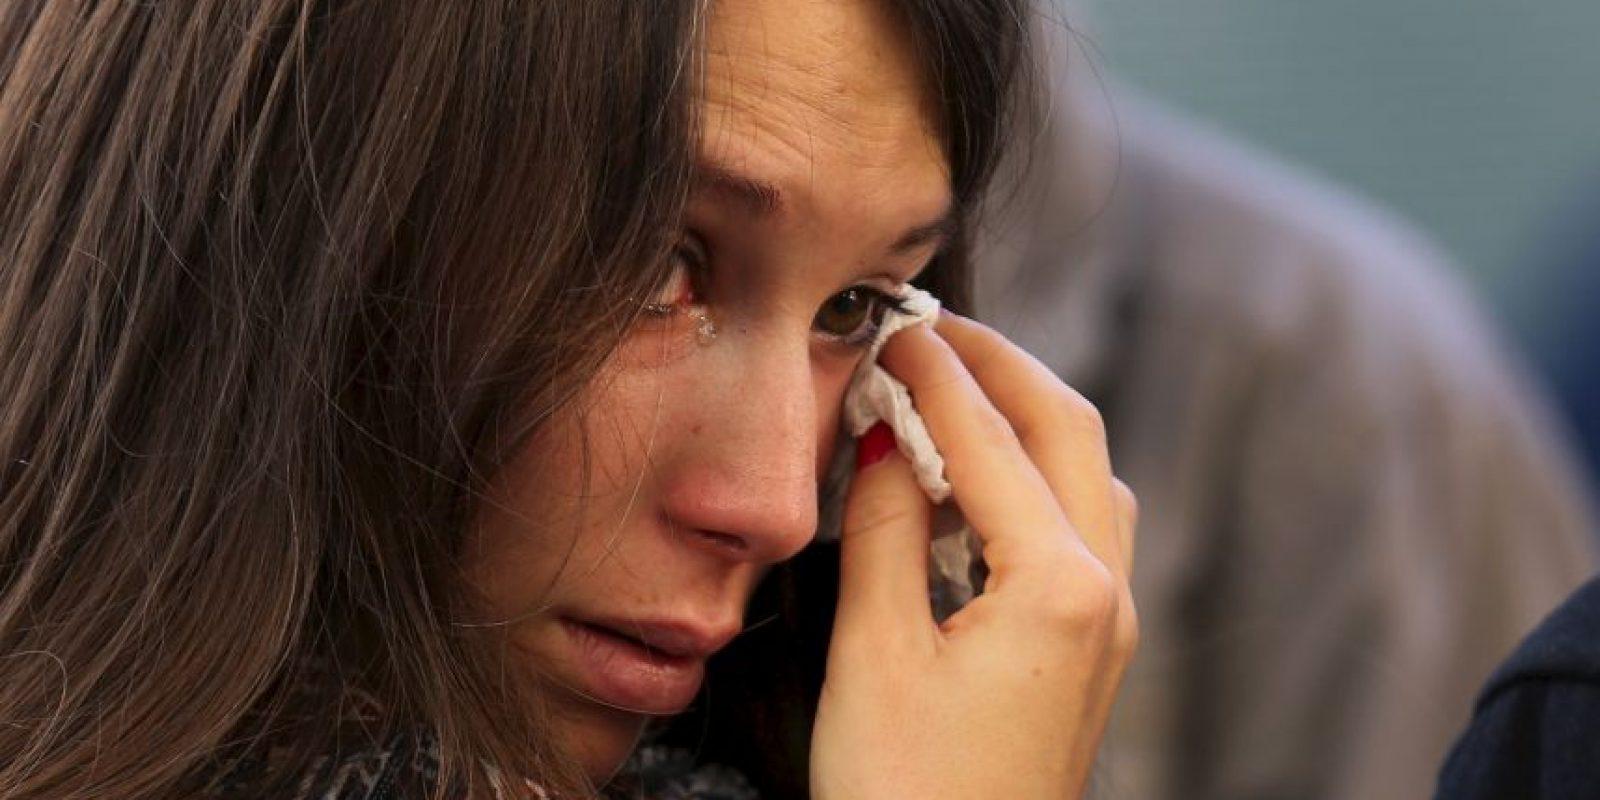 Puede impactar de una manera negativa la identidad de aquella persona. Foto:Getty Images